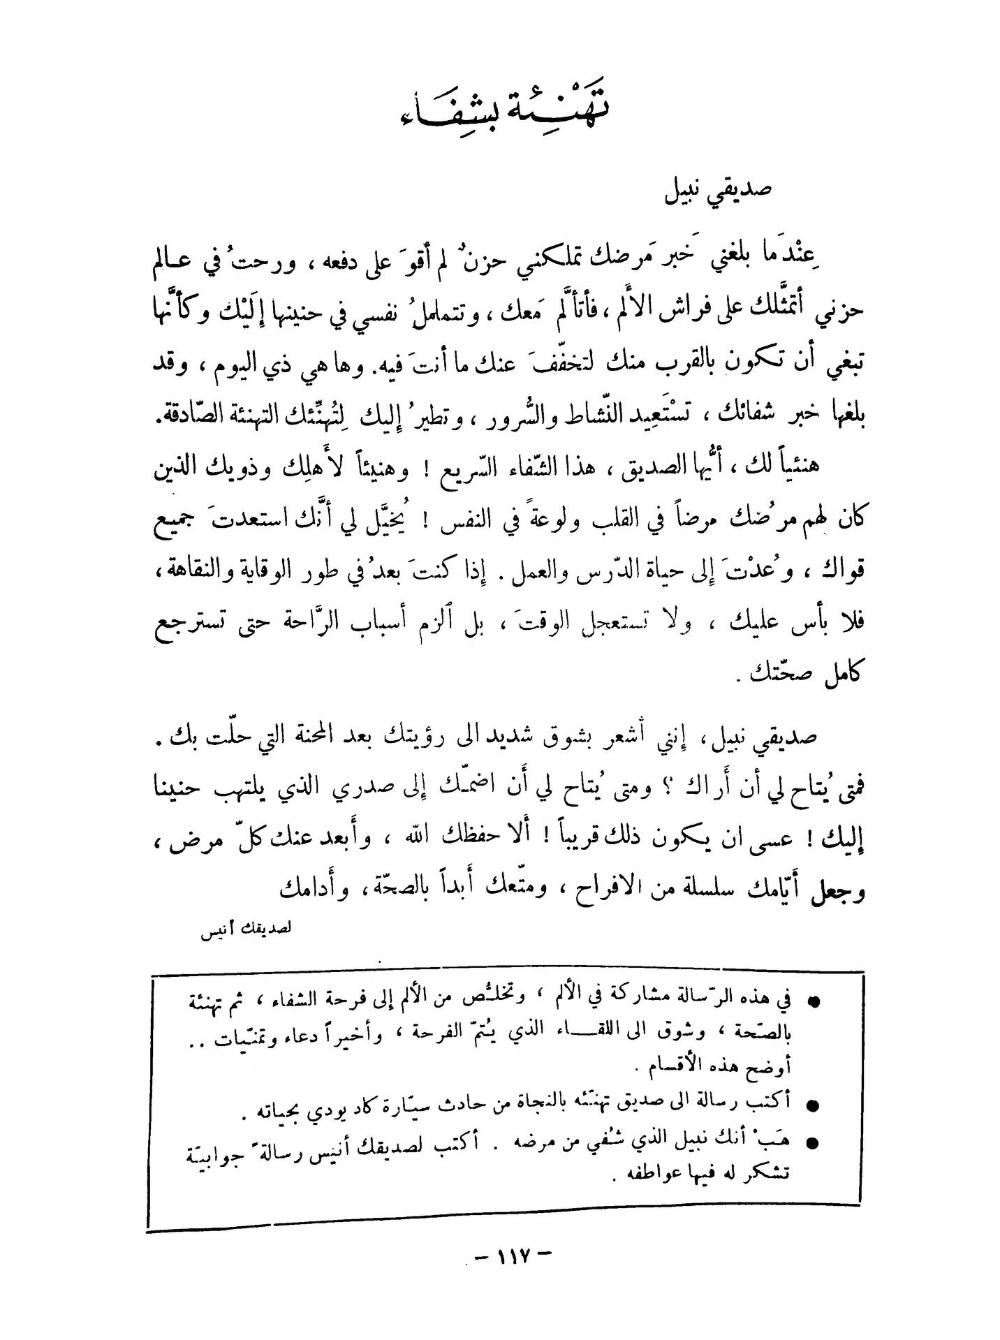 الجديد في الإنشاء العربي تأليف حن ا الفاخوري الجزء الخامس Free Download Borrow And Streaming Internet Archive Texts Writing Internet Archive